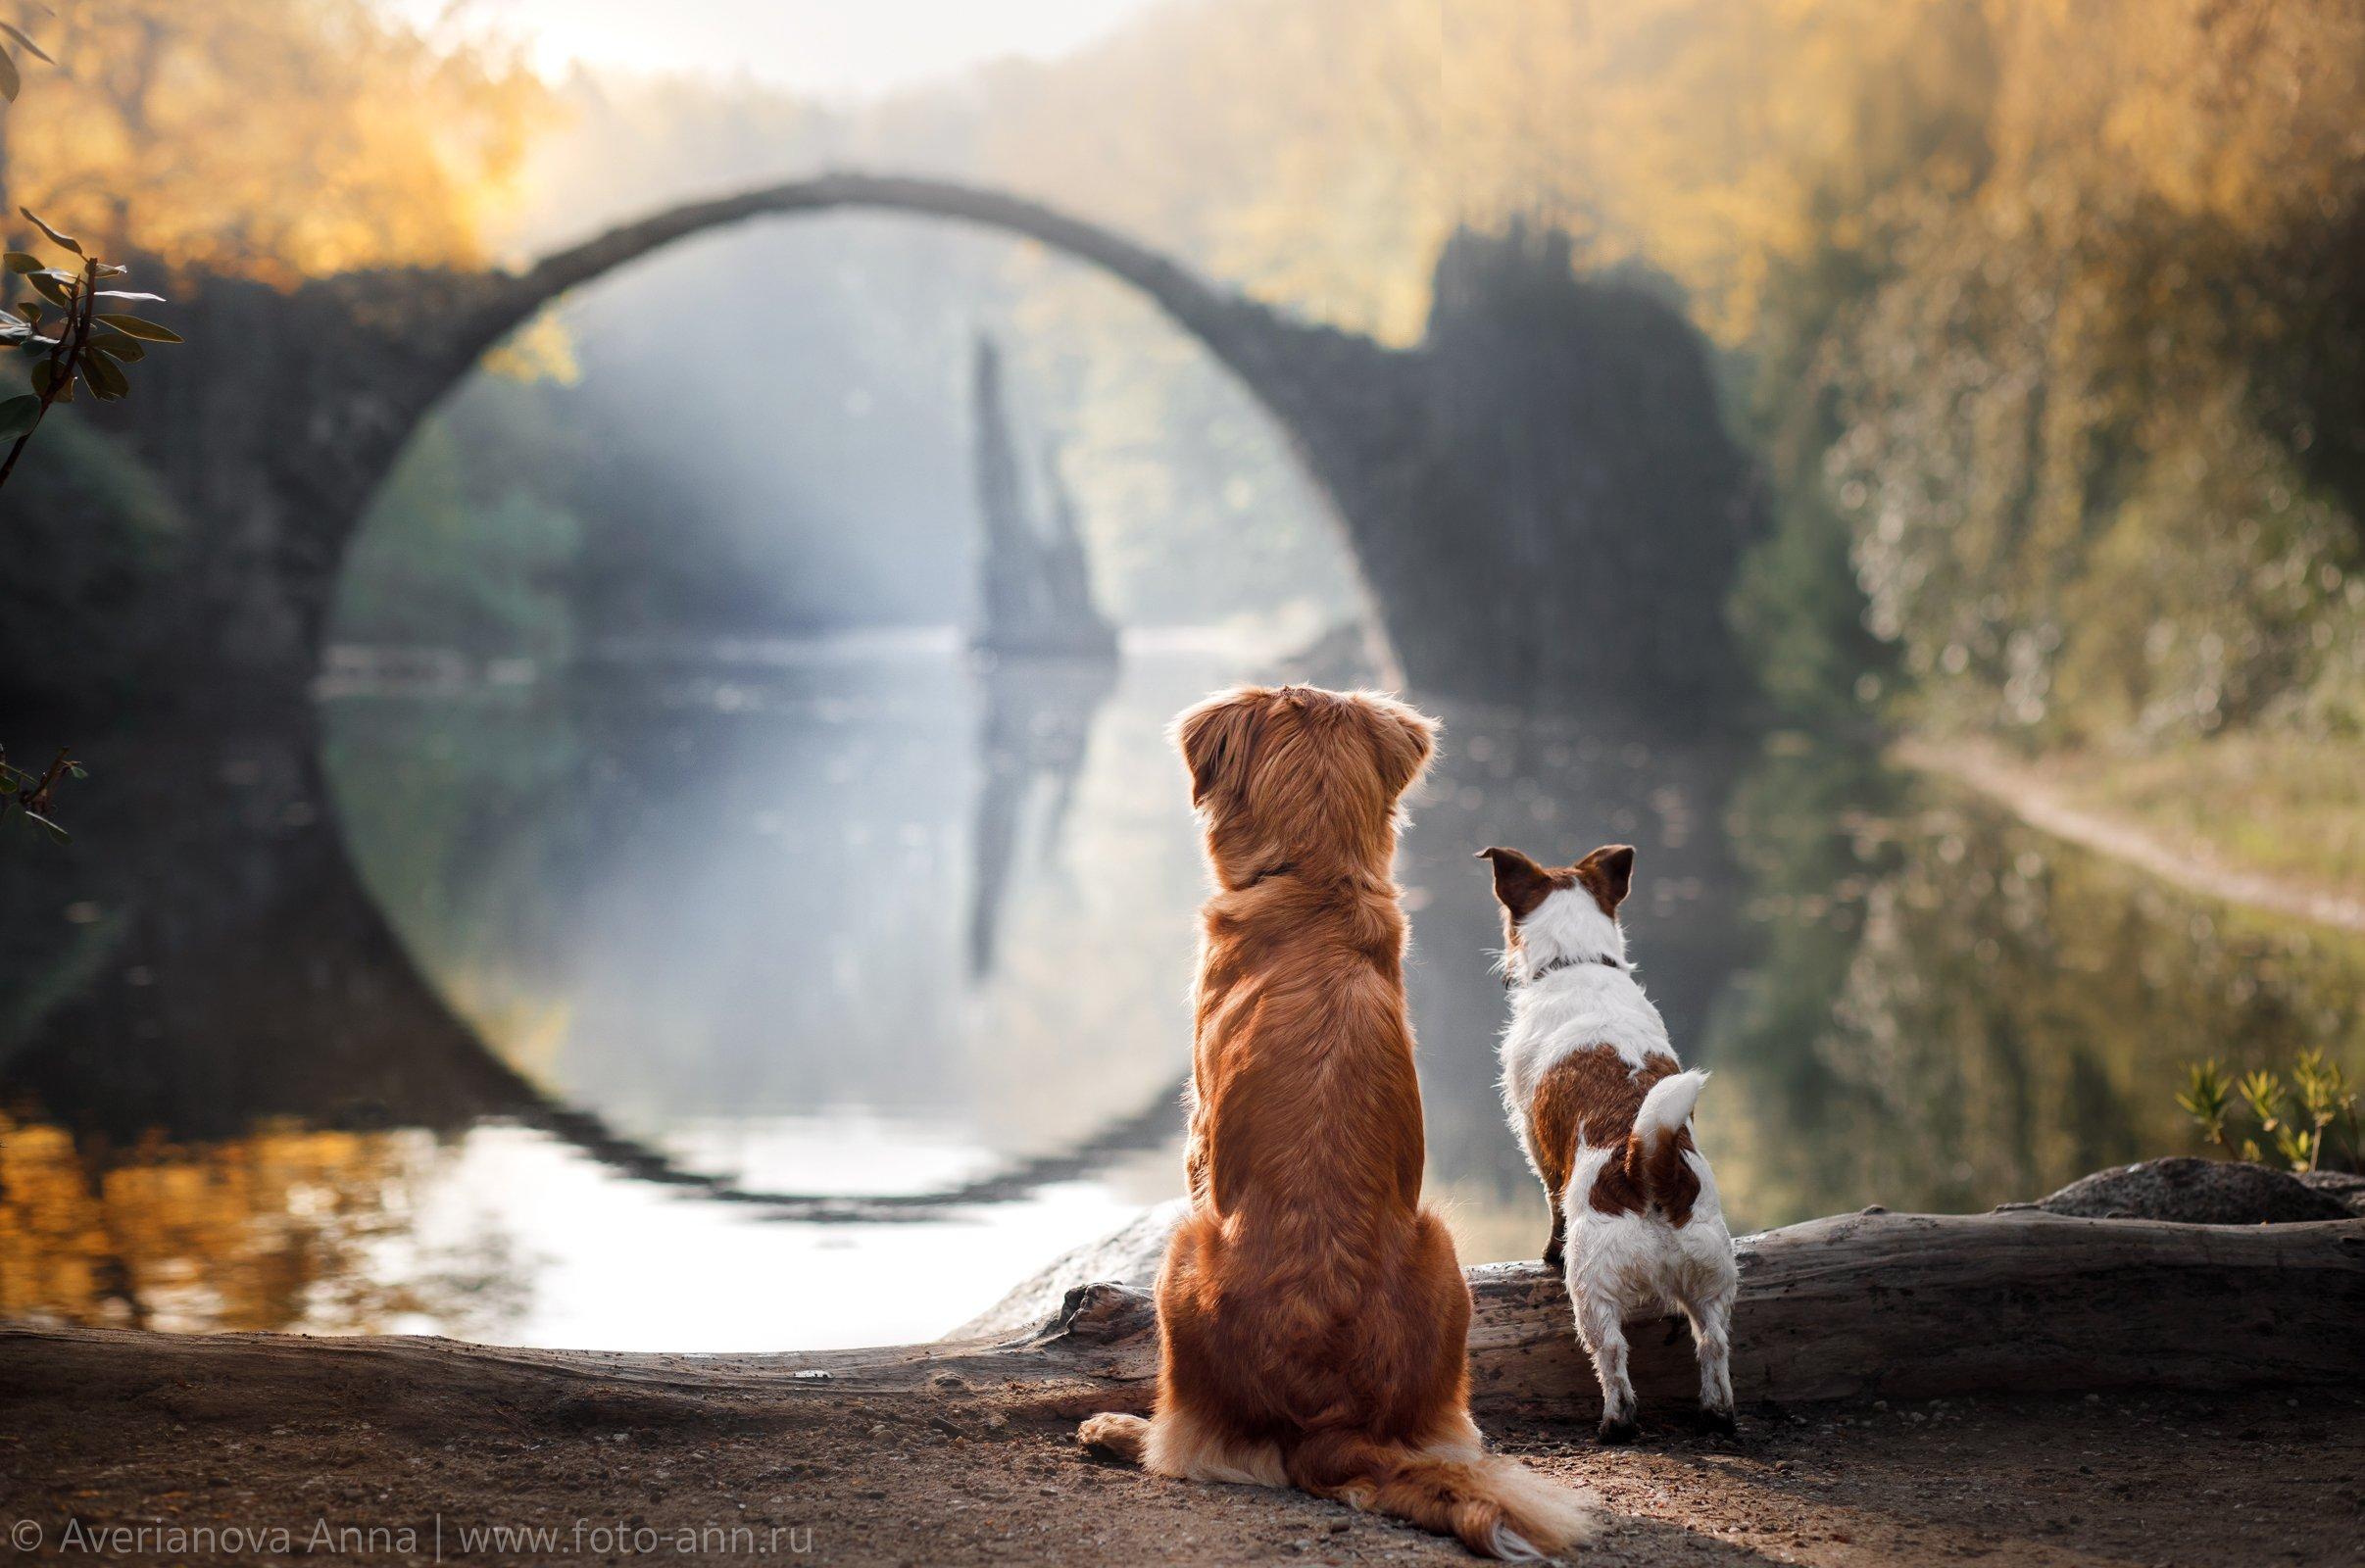 собаки, природа, мост, Германия, Анна Аверьянова